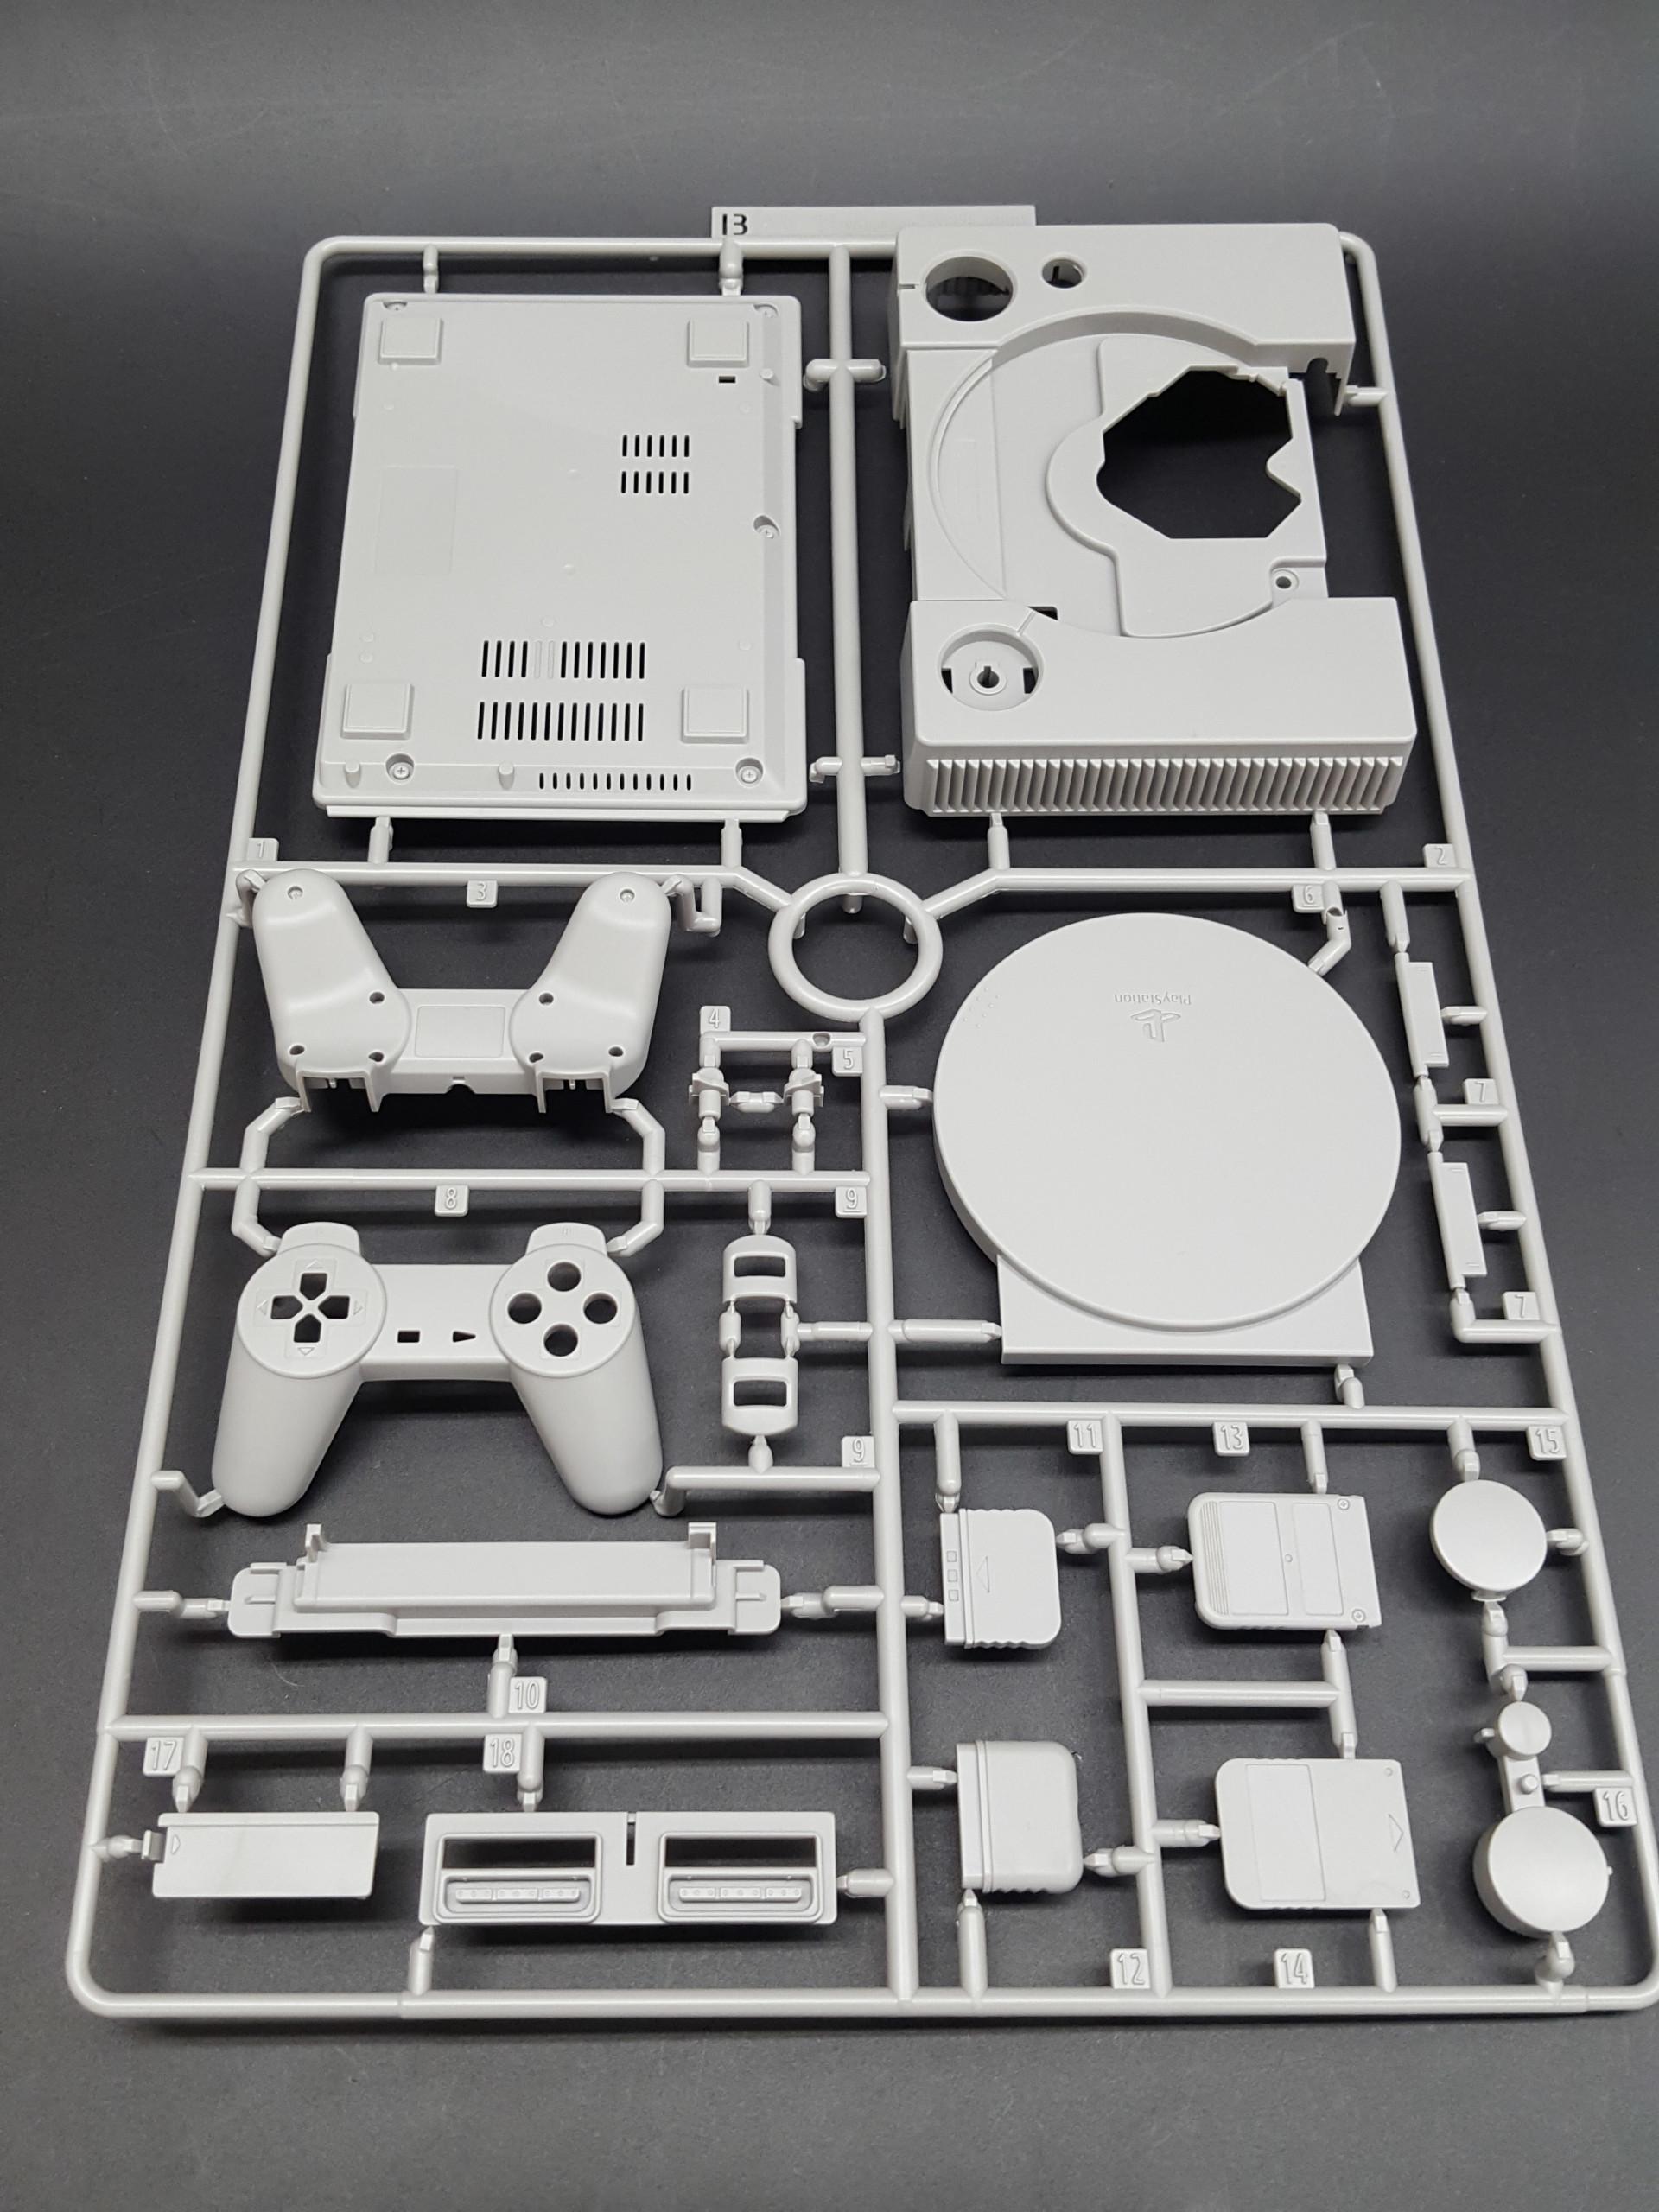 #StayHome: Monte um modelo em escala de PlayStation para aproveitar seu tempo em casa com nostalgia 1